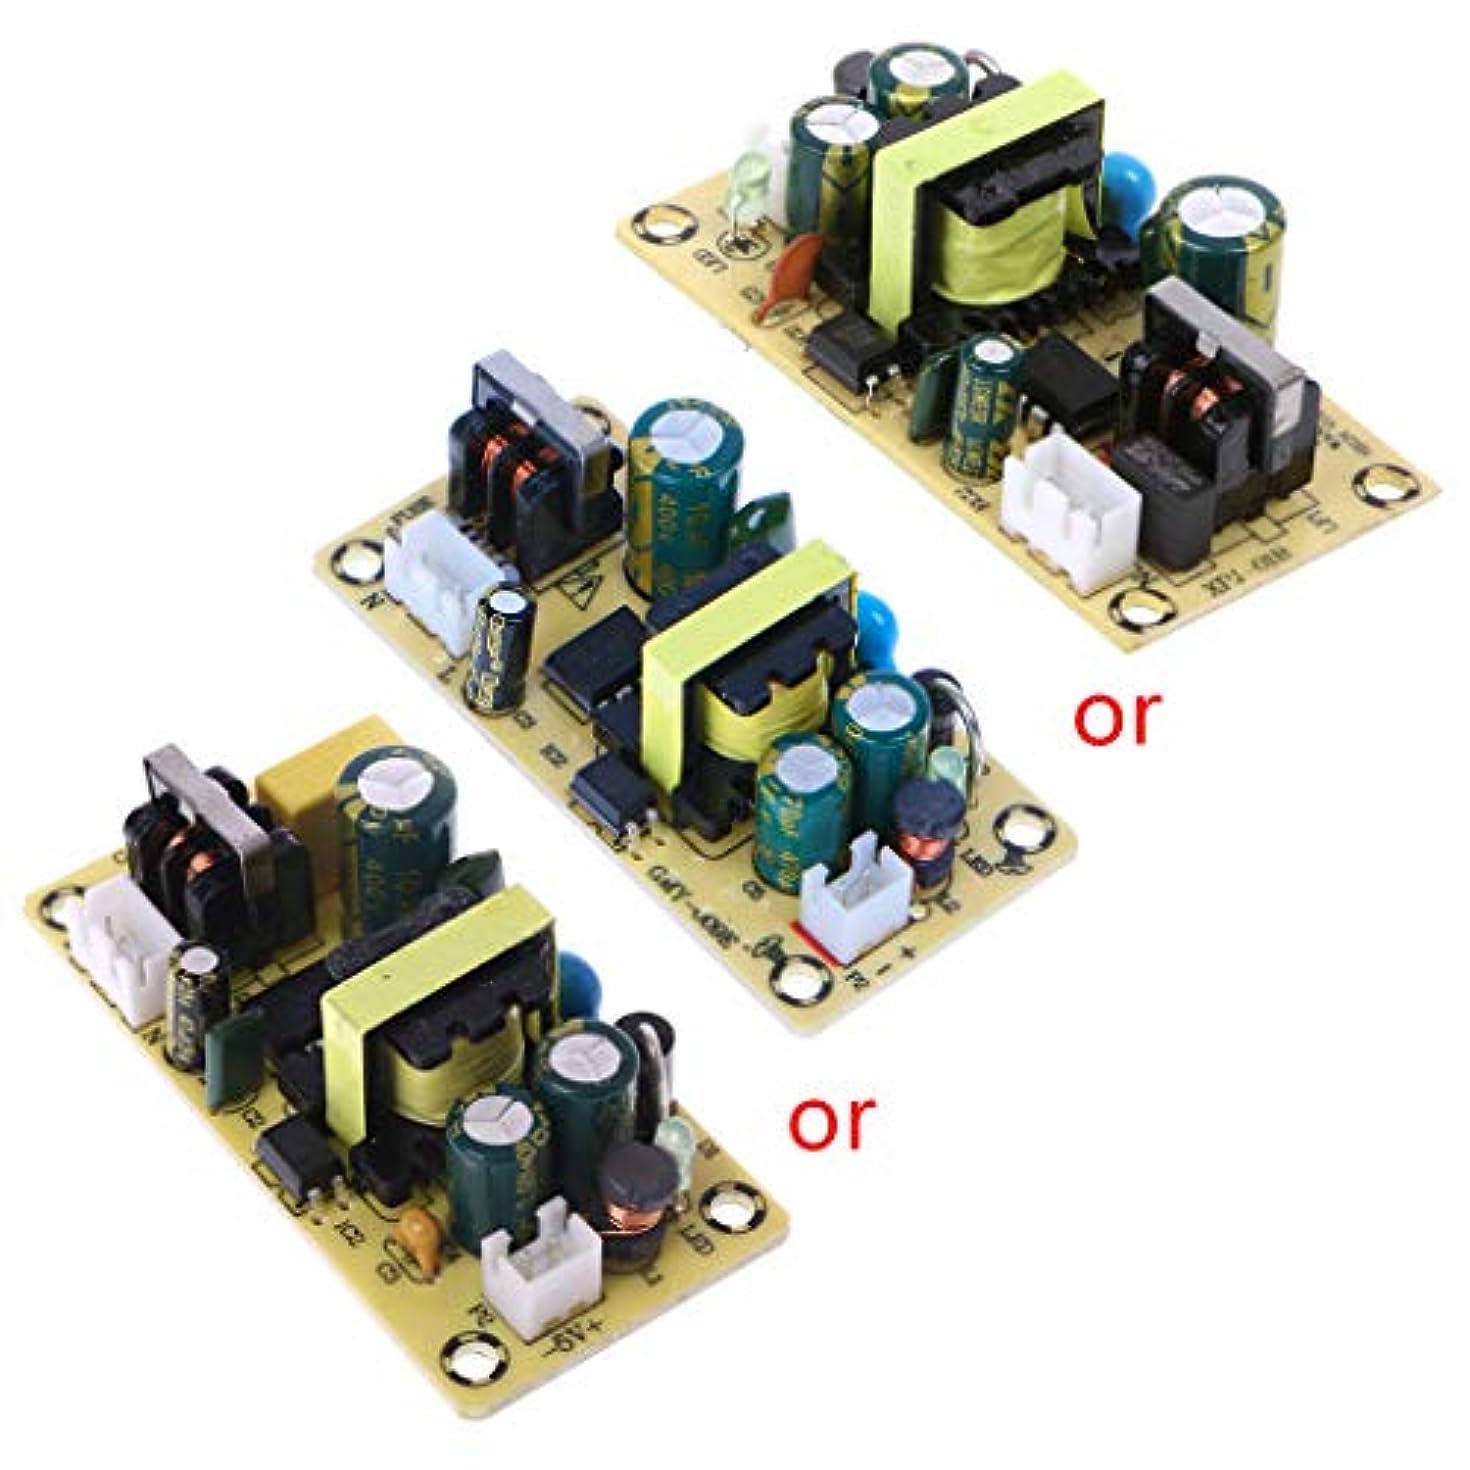 触手鋸歯状過敏なLAN AC 100-265V to DC 5V 2Aスイッチング電源モジュール電源トランスパワーインバーターTL431交換用修理